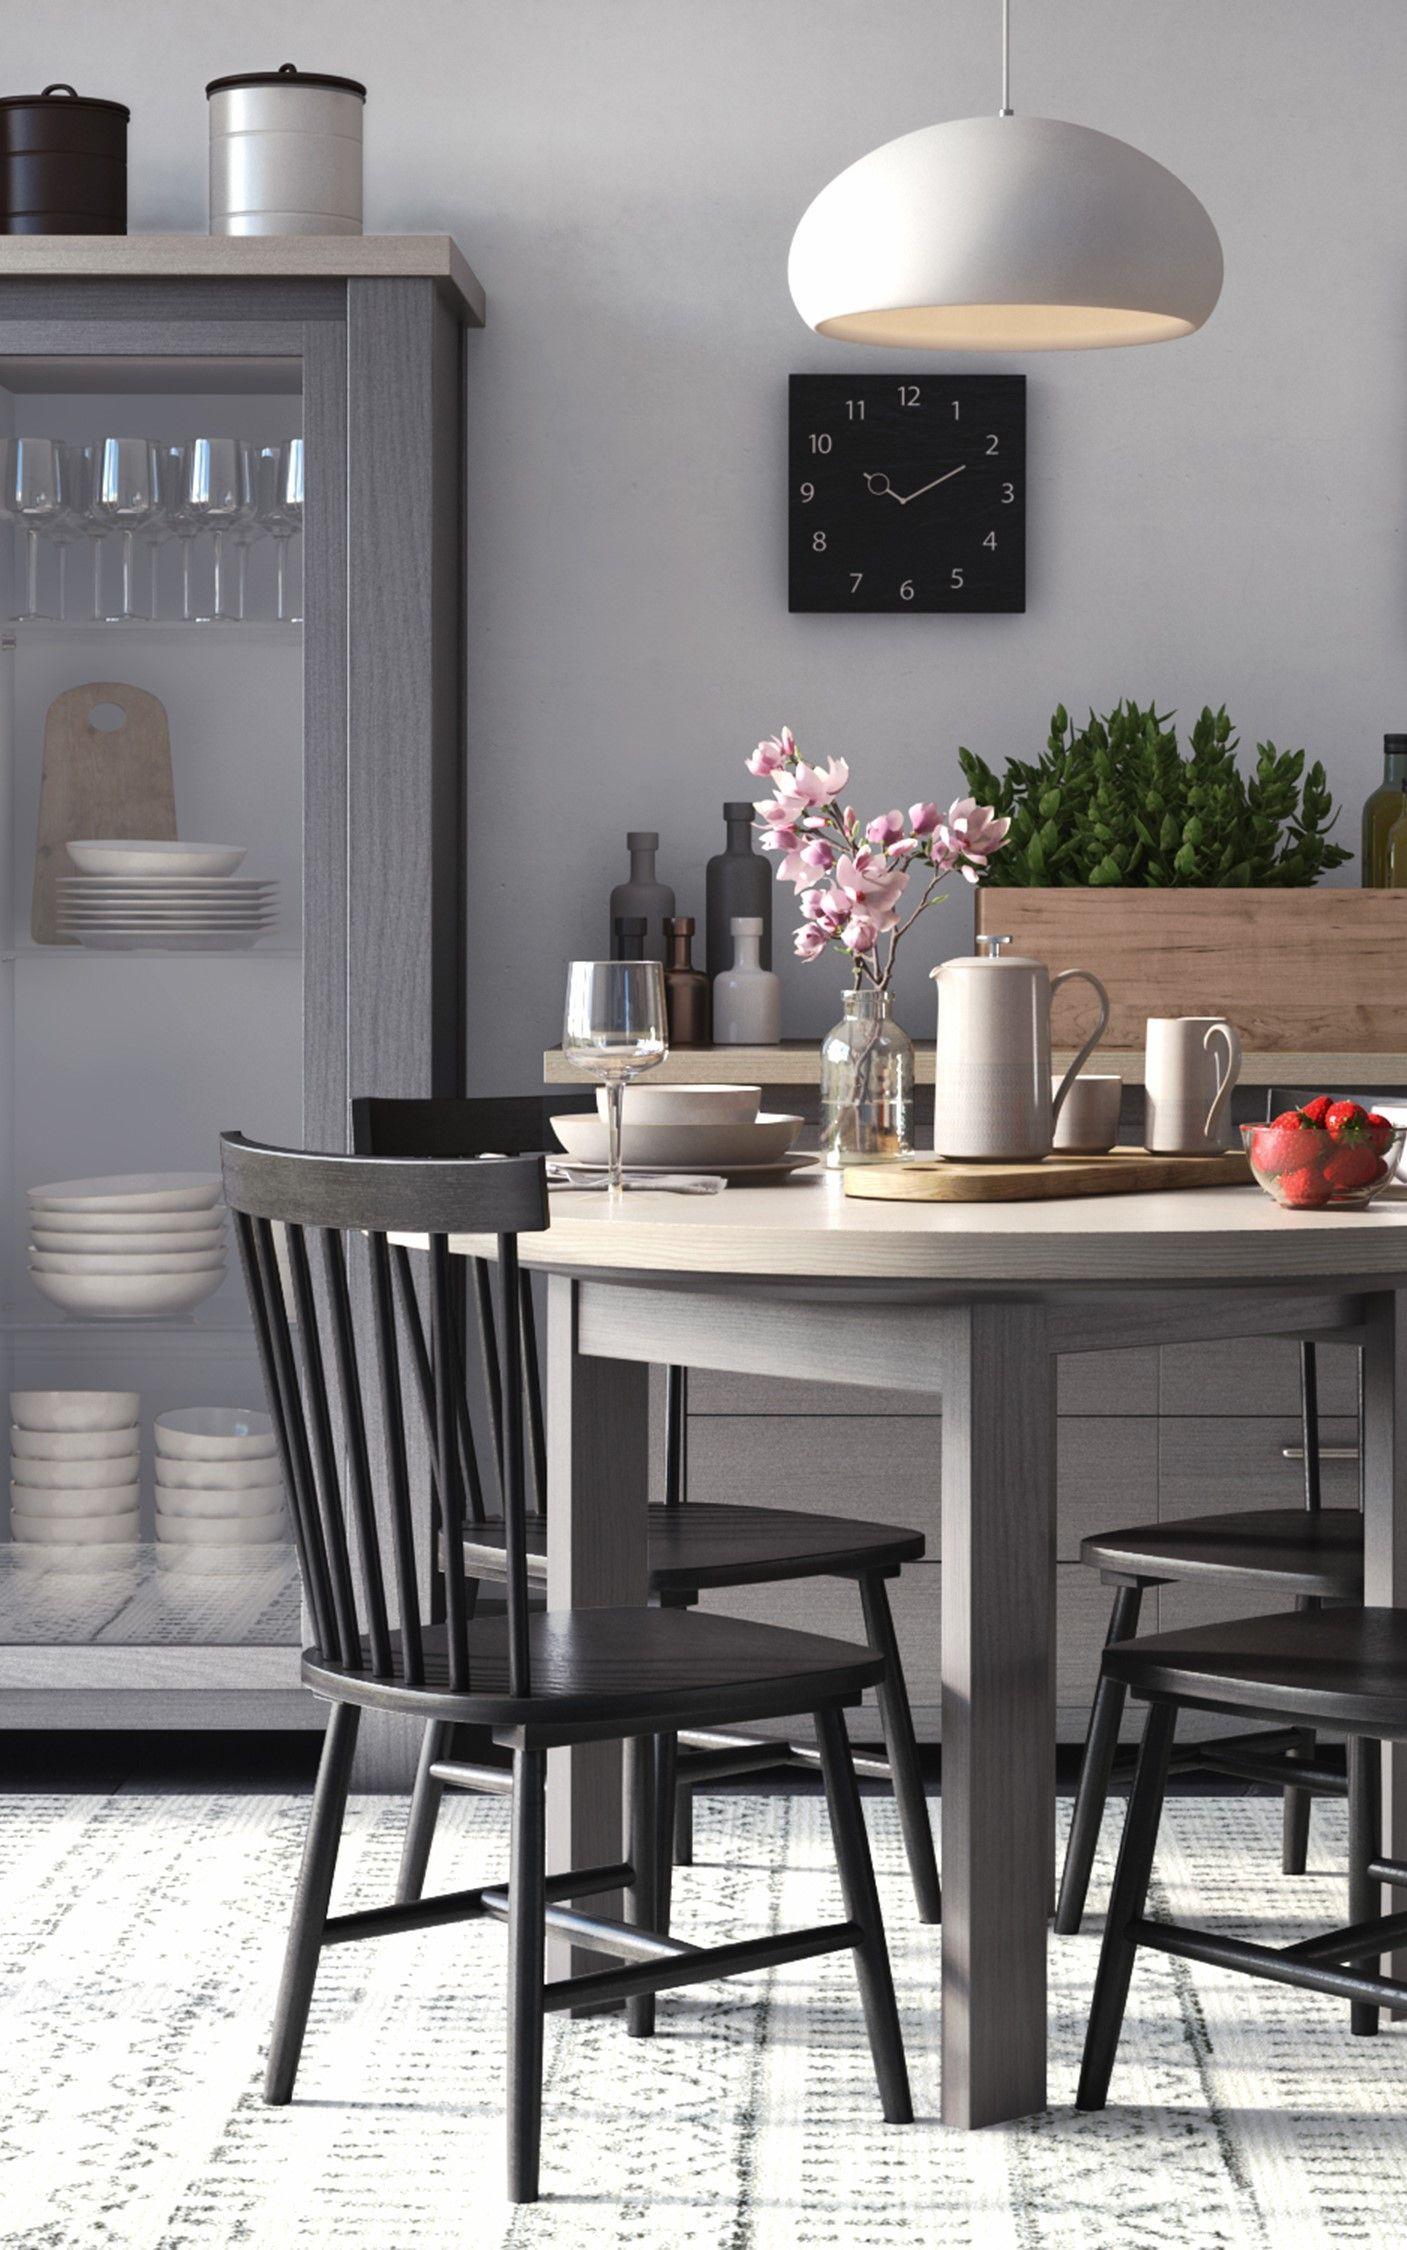 ausziehtisch toscane zuhause esszimmer pinterest esstisch zum ausziehen runder esstisch. Black Bedroom Furniture Sets. Home Design Ideas